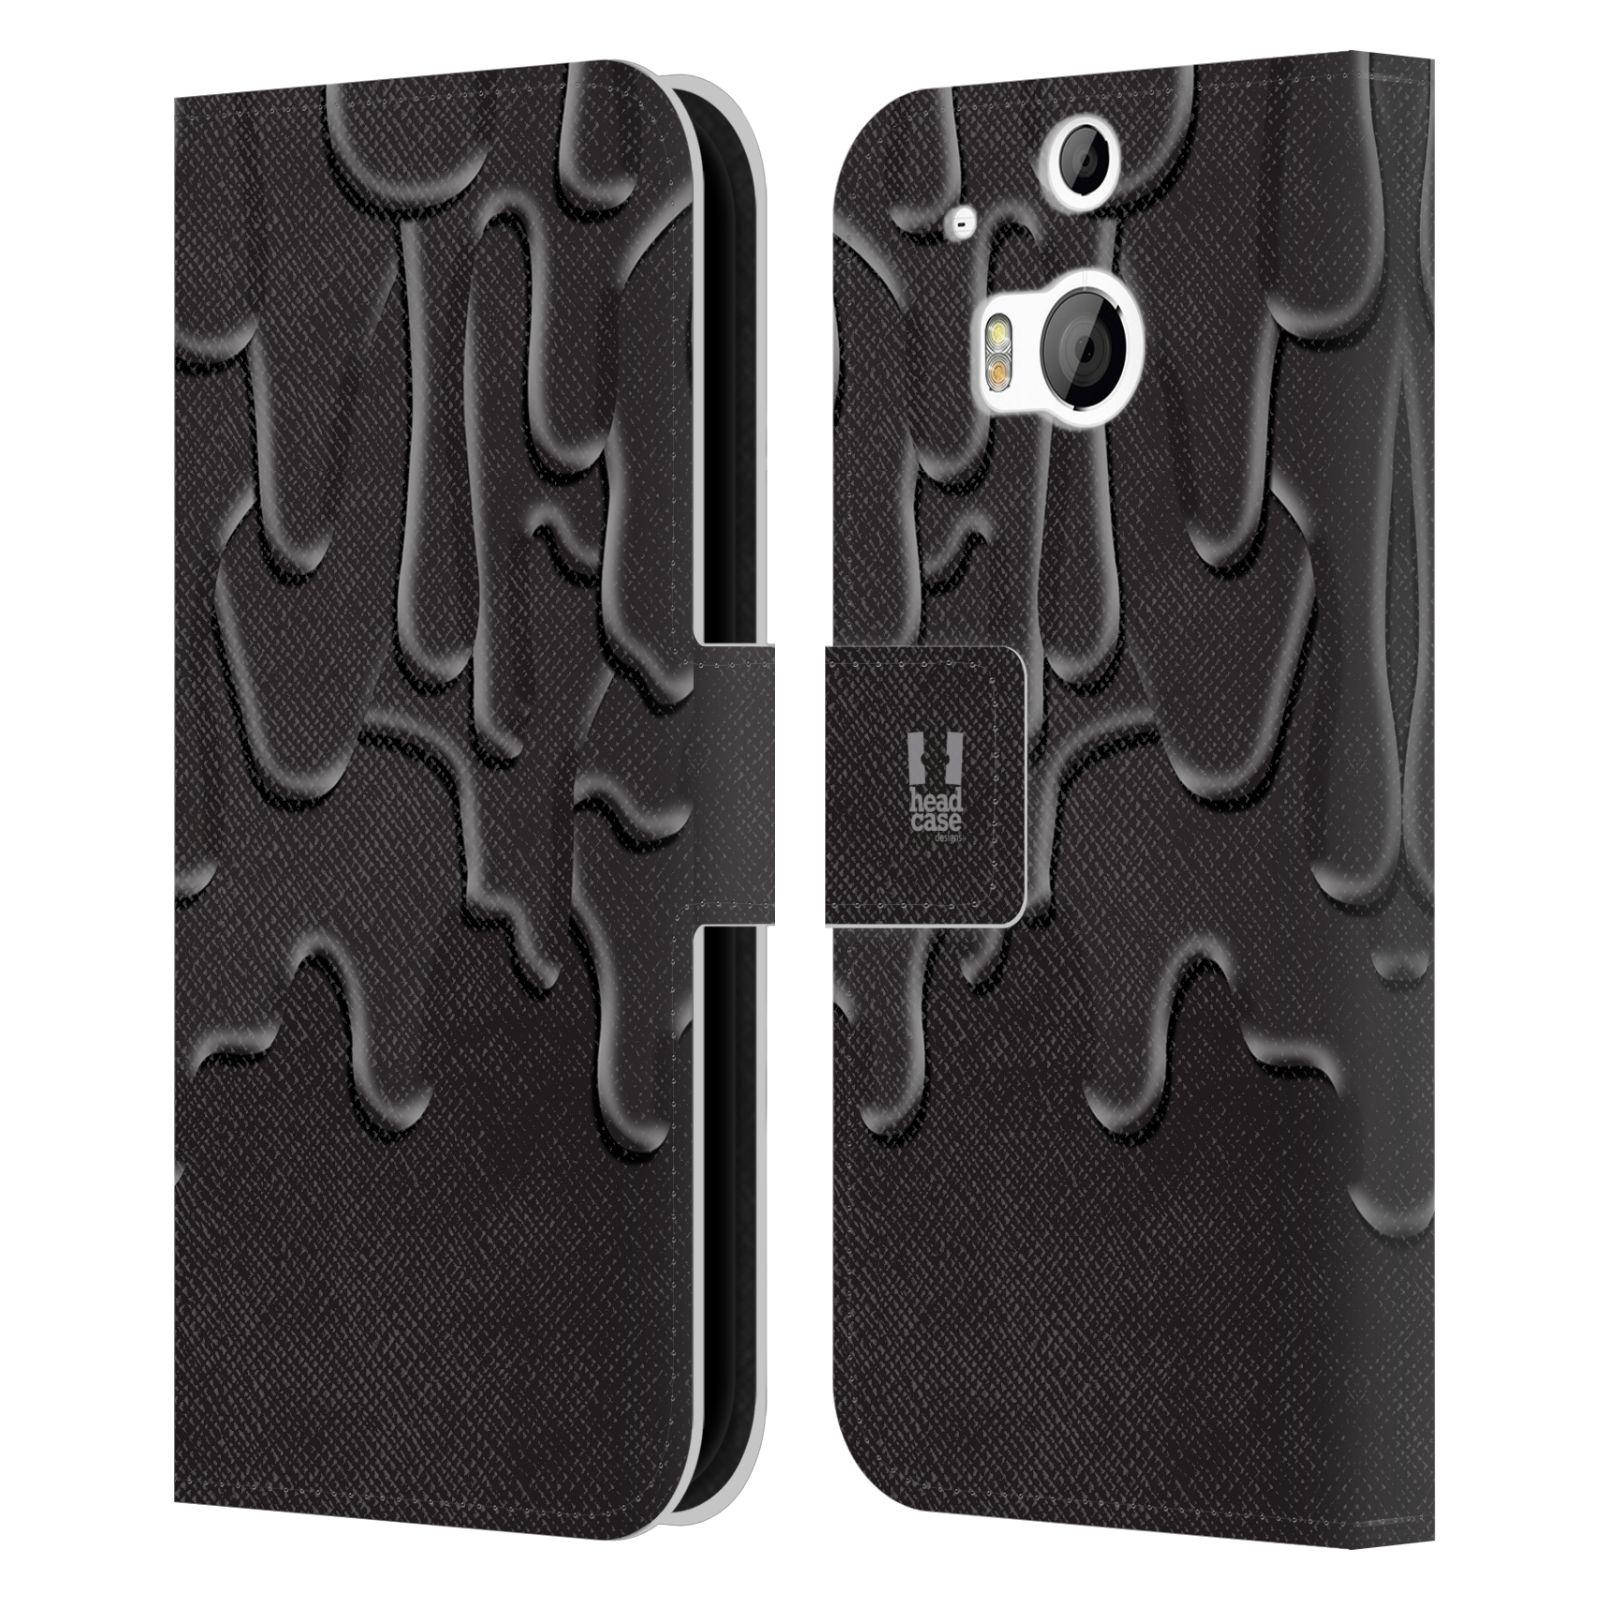 HEAD CASE Flipové pouzdro pro mobil HTC ONE (M8, M8s) ZÁPLAVA BARVA černá